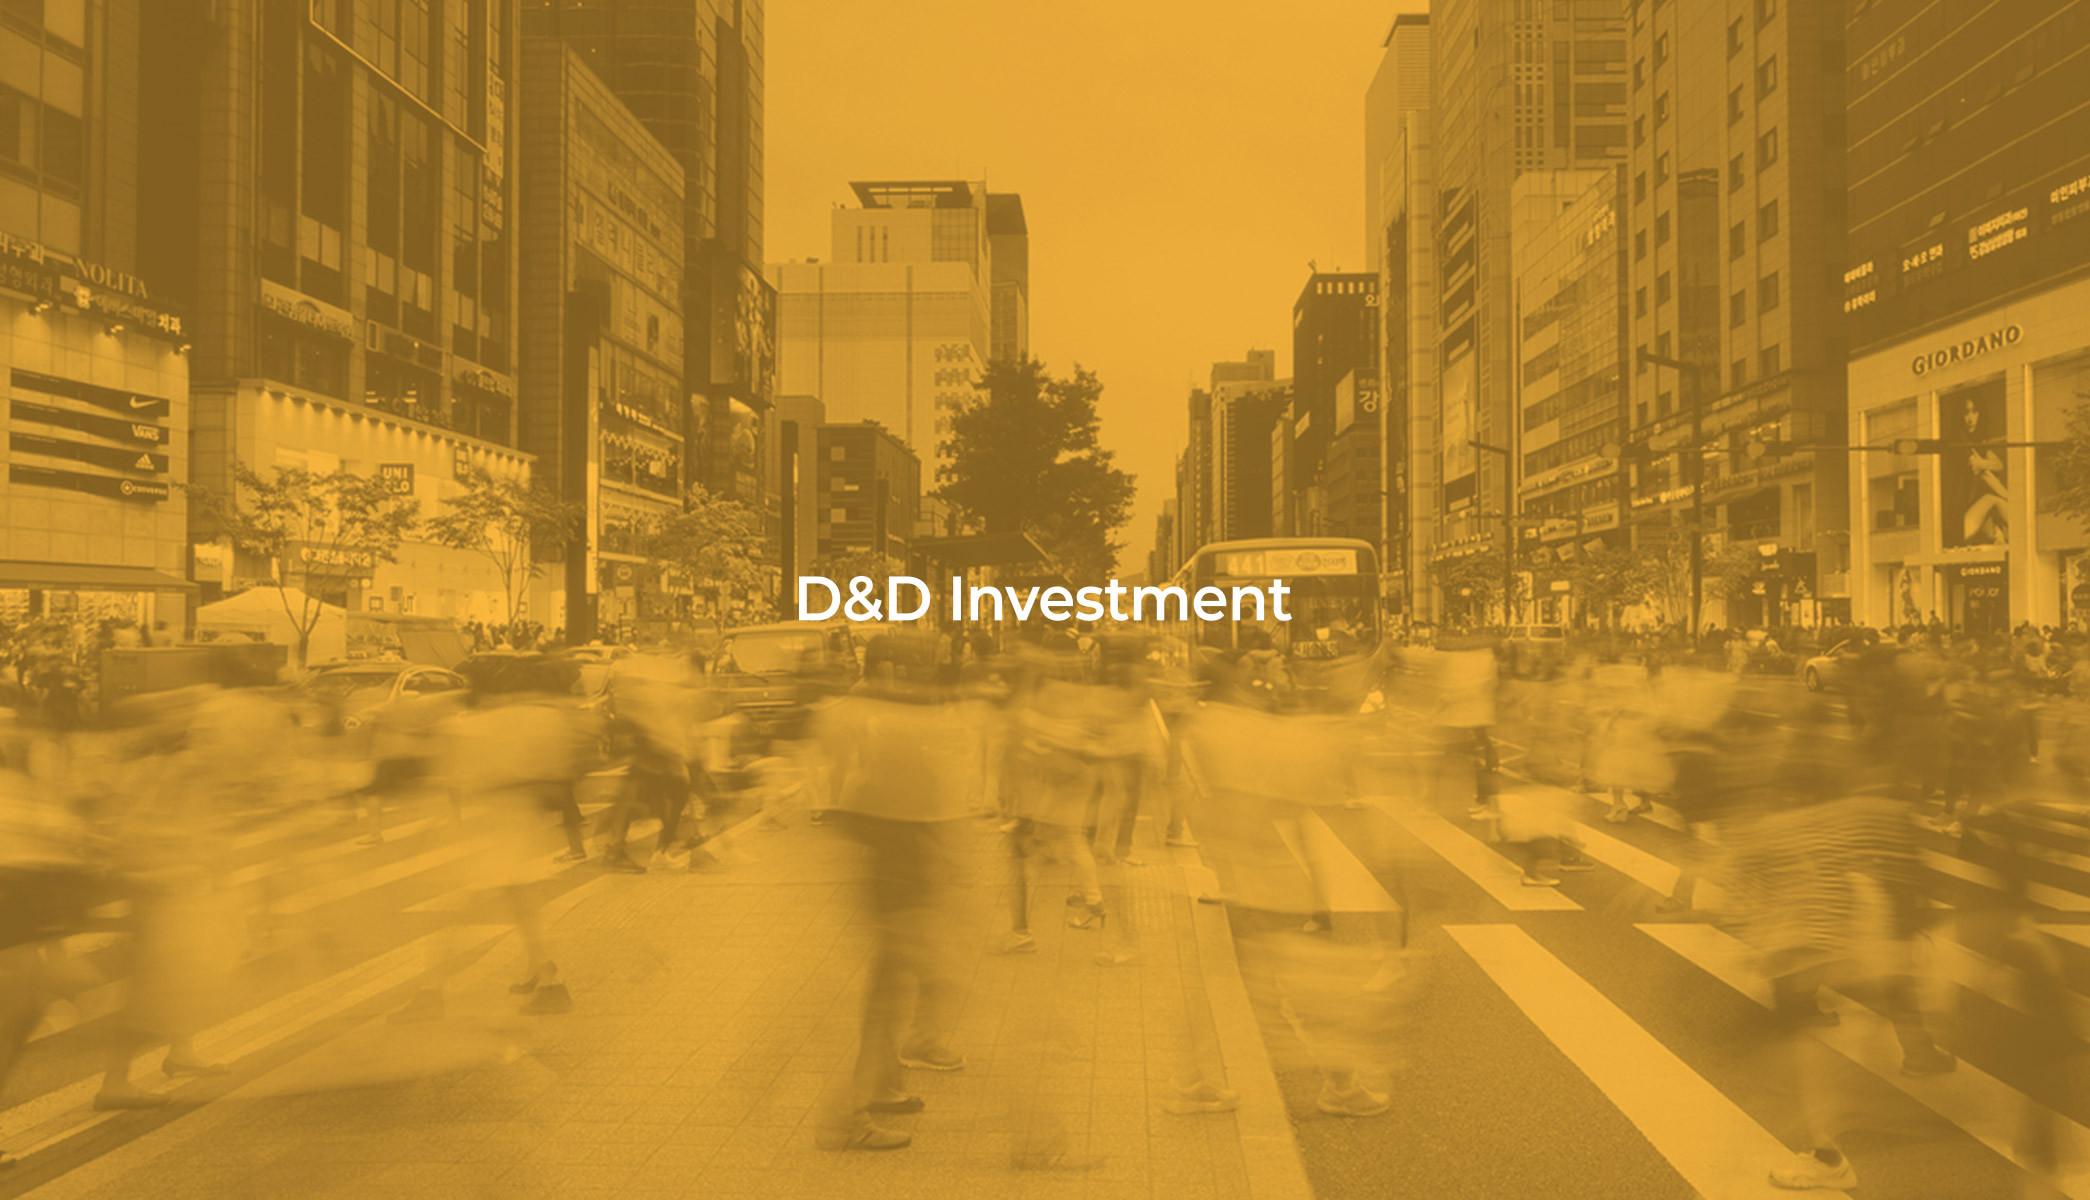 D&D INVESTMENT WEB